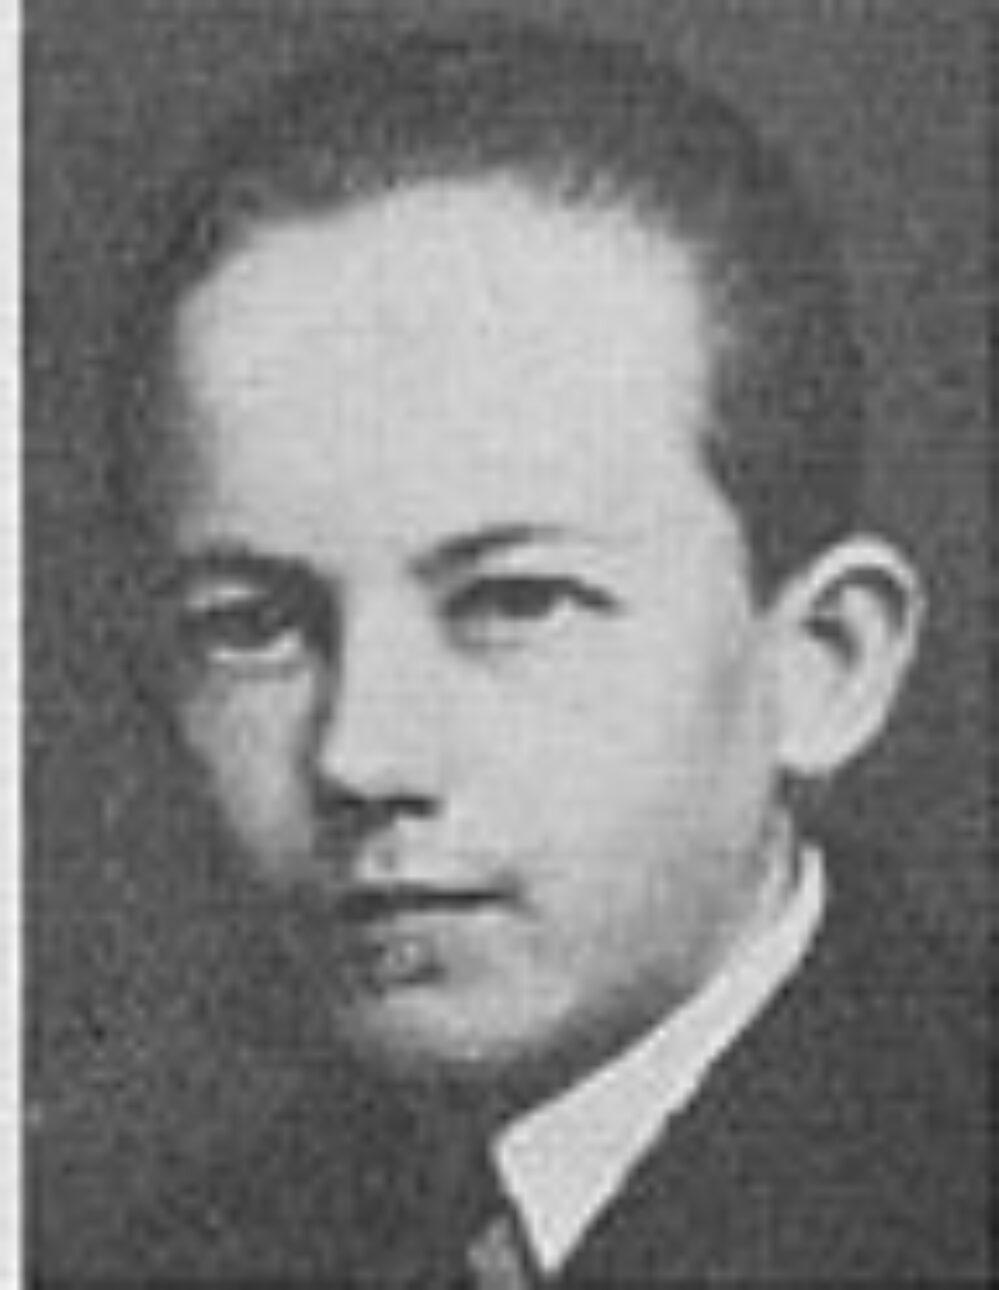 Gunnar Murry Undahl Nystrøm